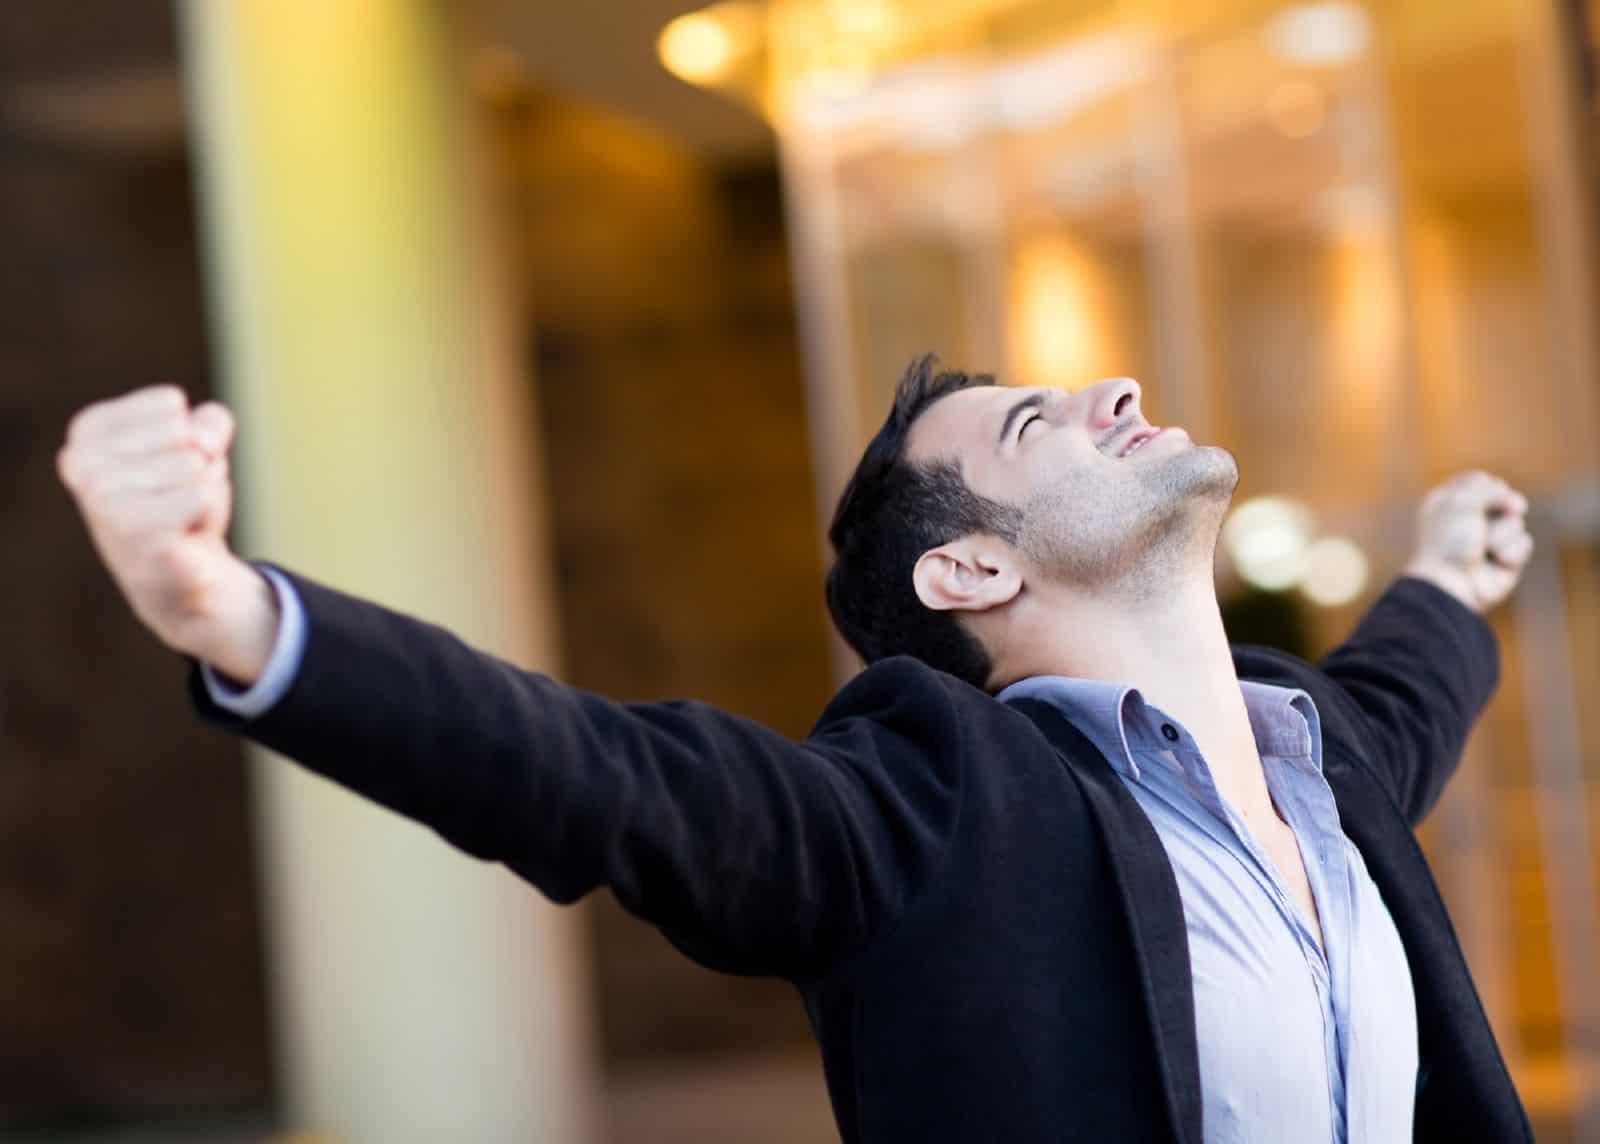 Как пережить развод с мужем: правила кризисного периода. Что нужно и чего нельзя делать, чтобы пережить развод с мужем - Автор Екатерина Данилова